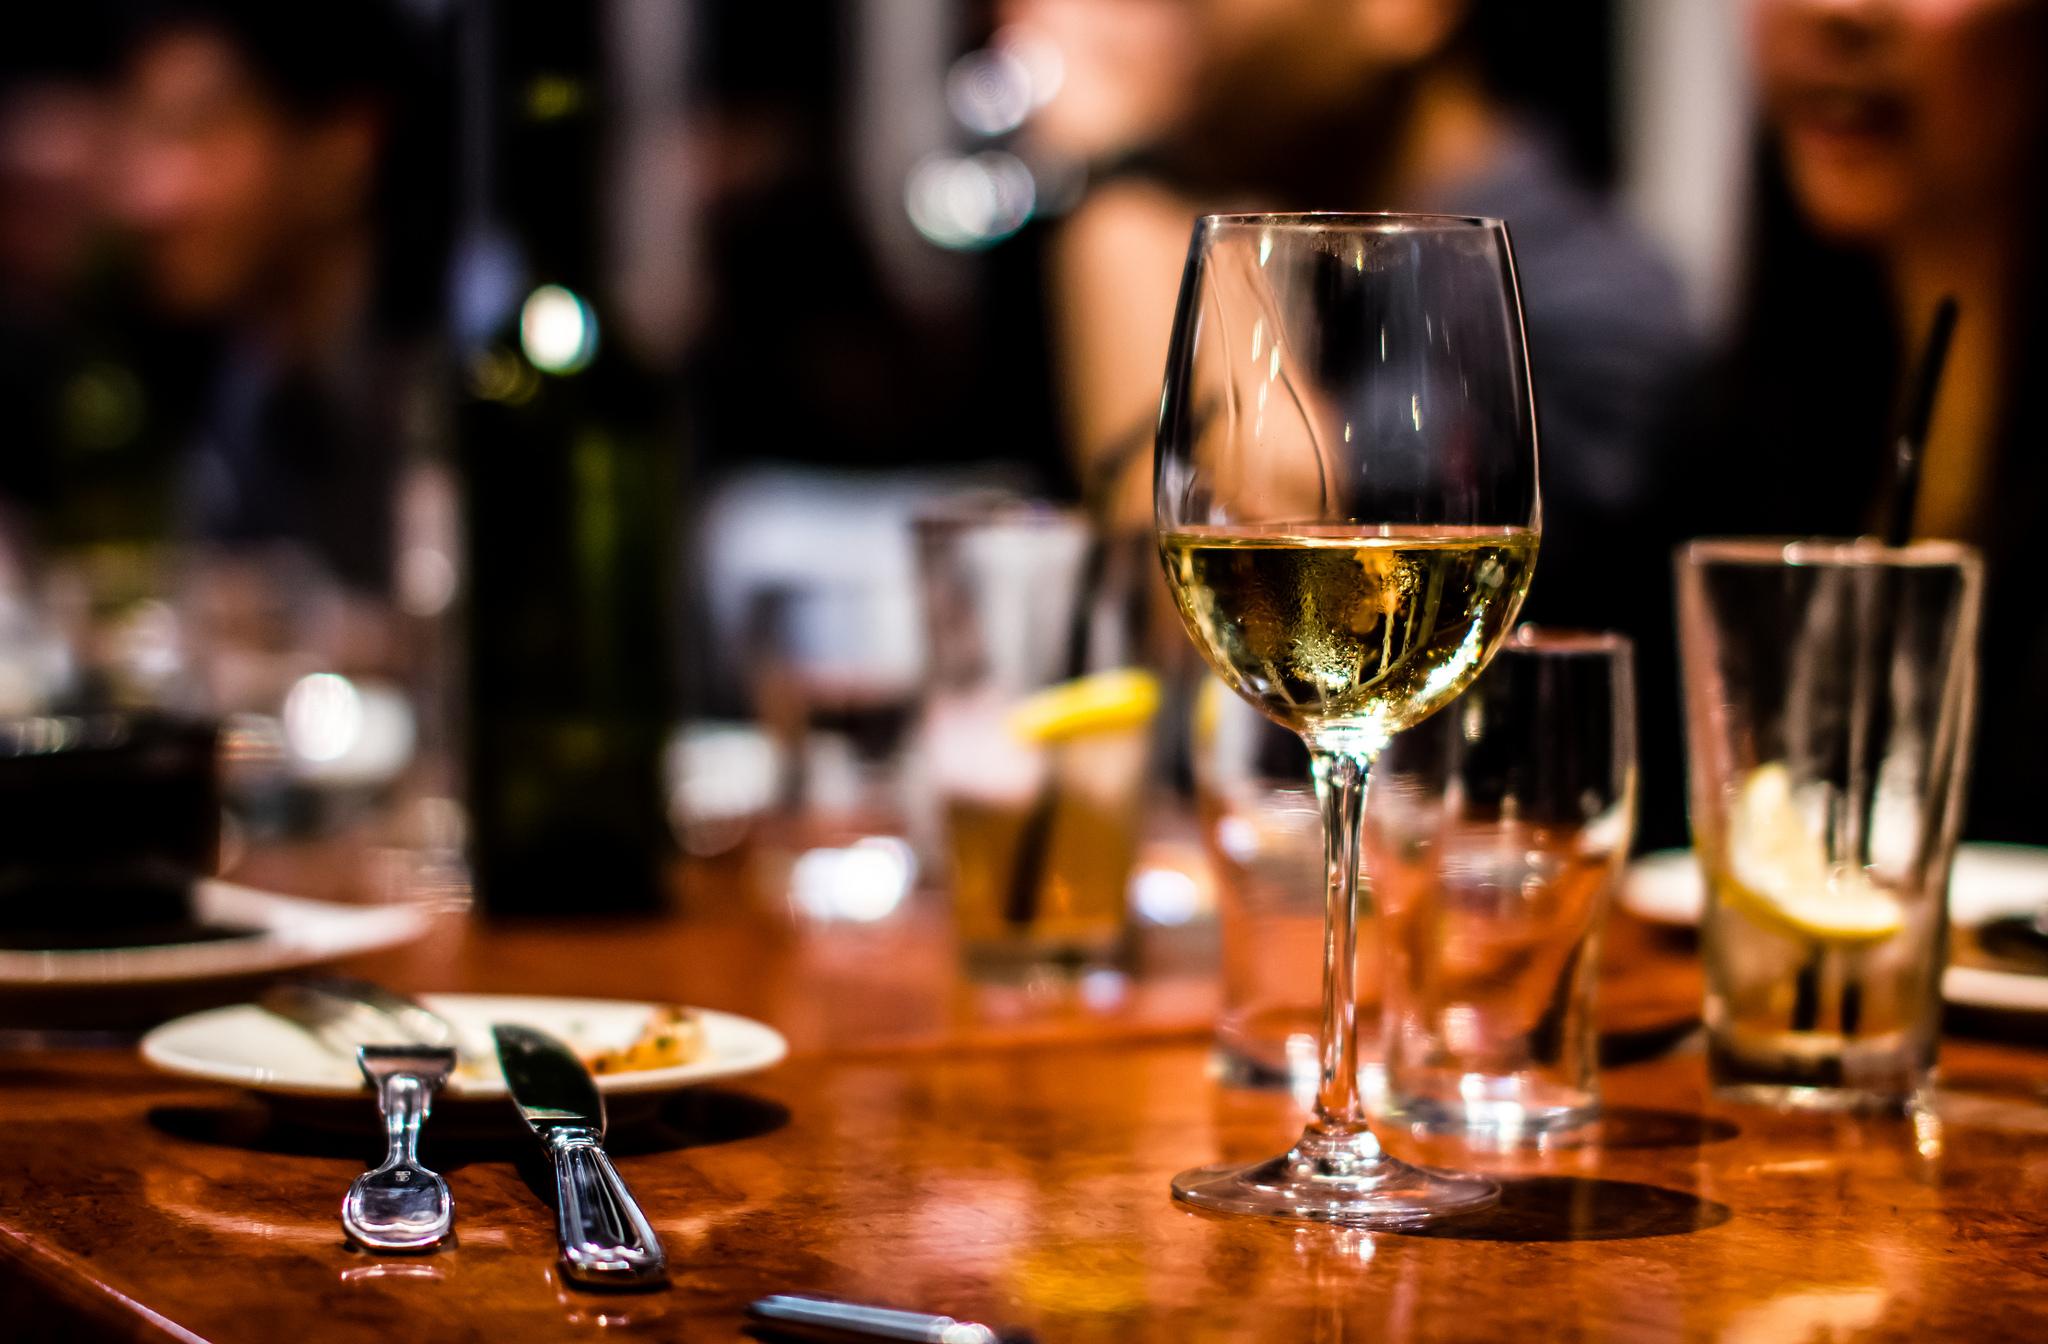 Alergia al alcohol? Aprende cómo identificarla con estas 5